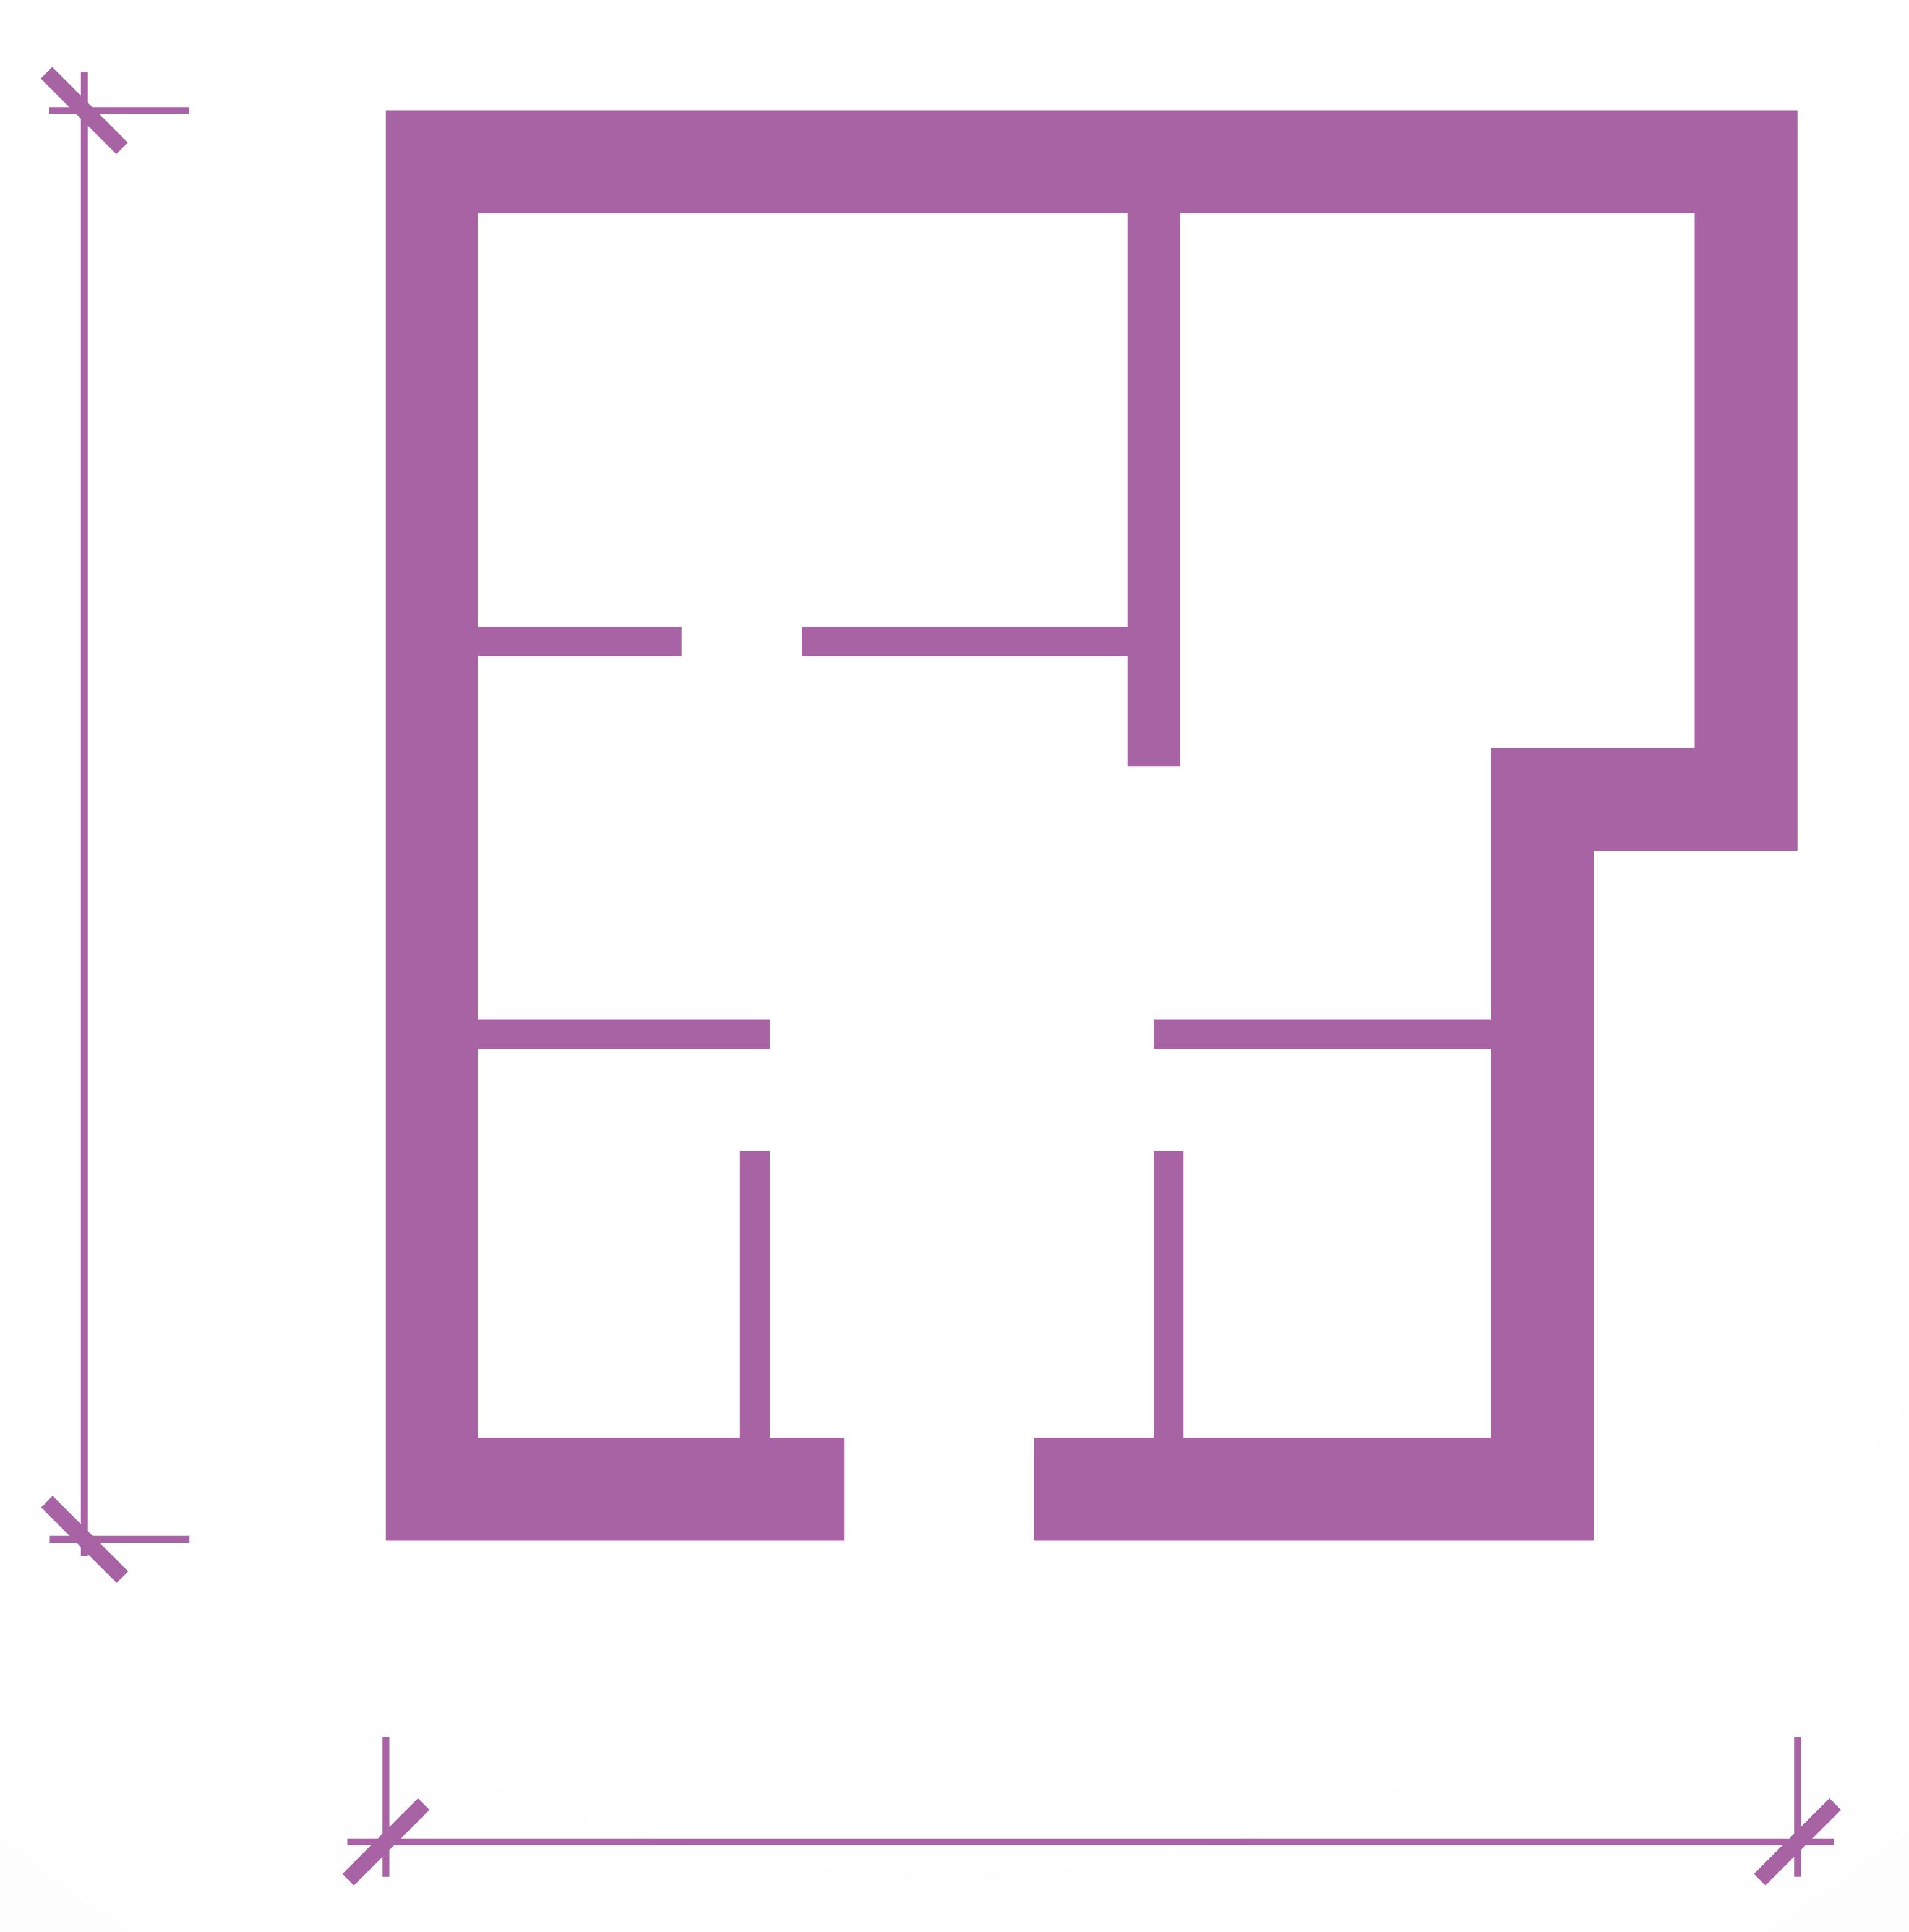 arranger vos plans pour créer la maison de vos reves